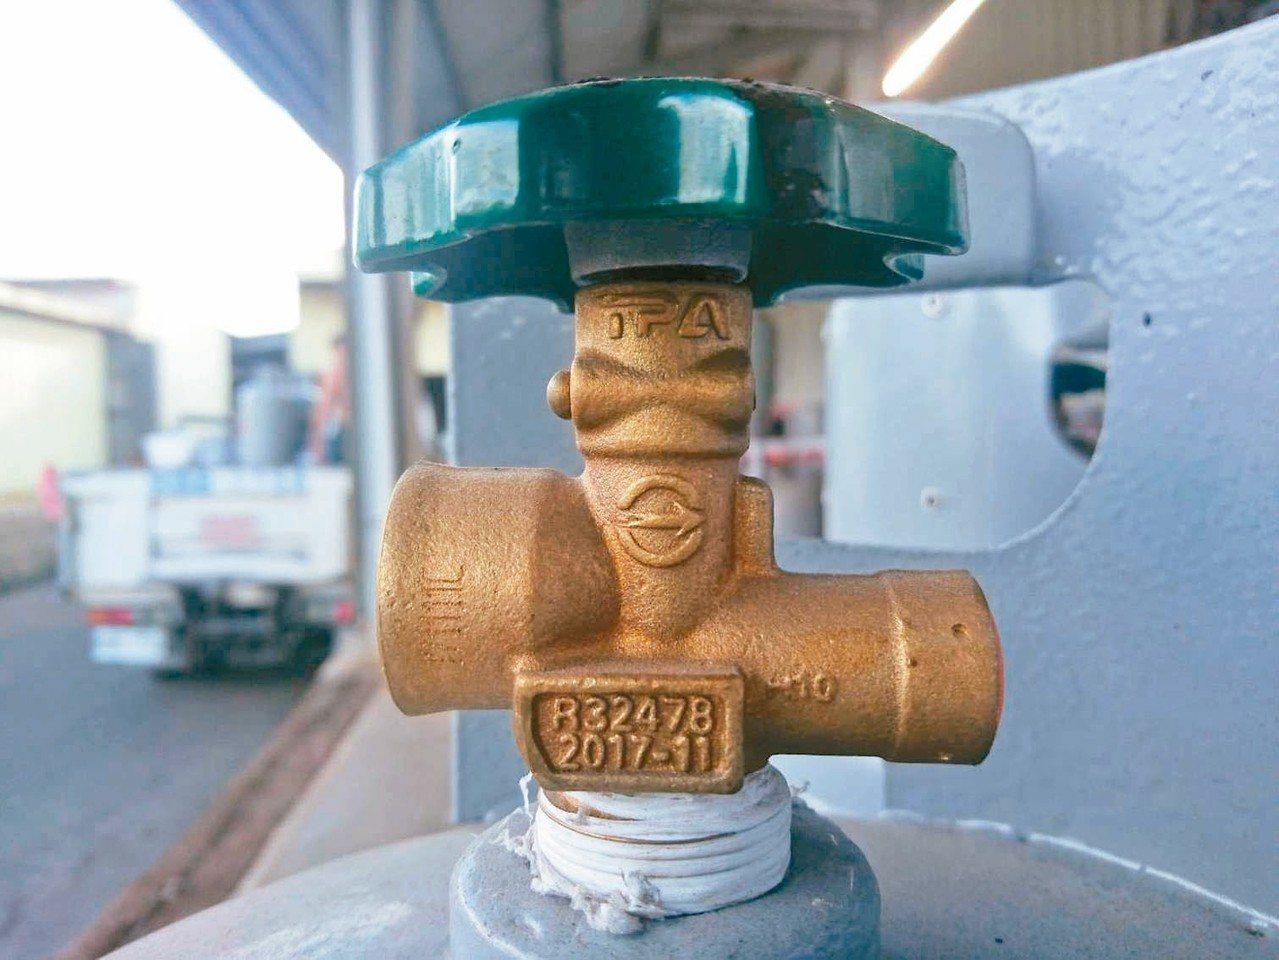 民眾應檢視開關上的製造編號是否為問題鋼瓶。 記者羅建旺/攝影